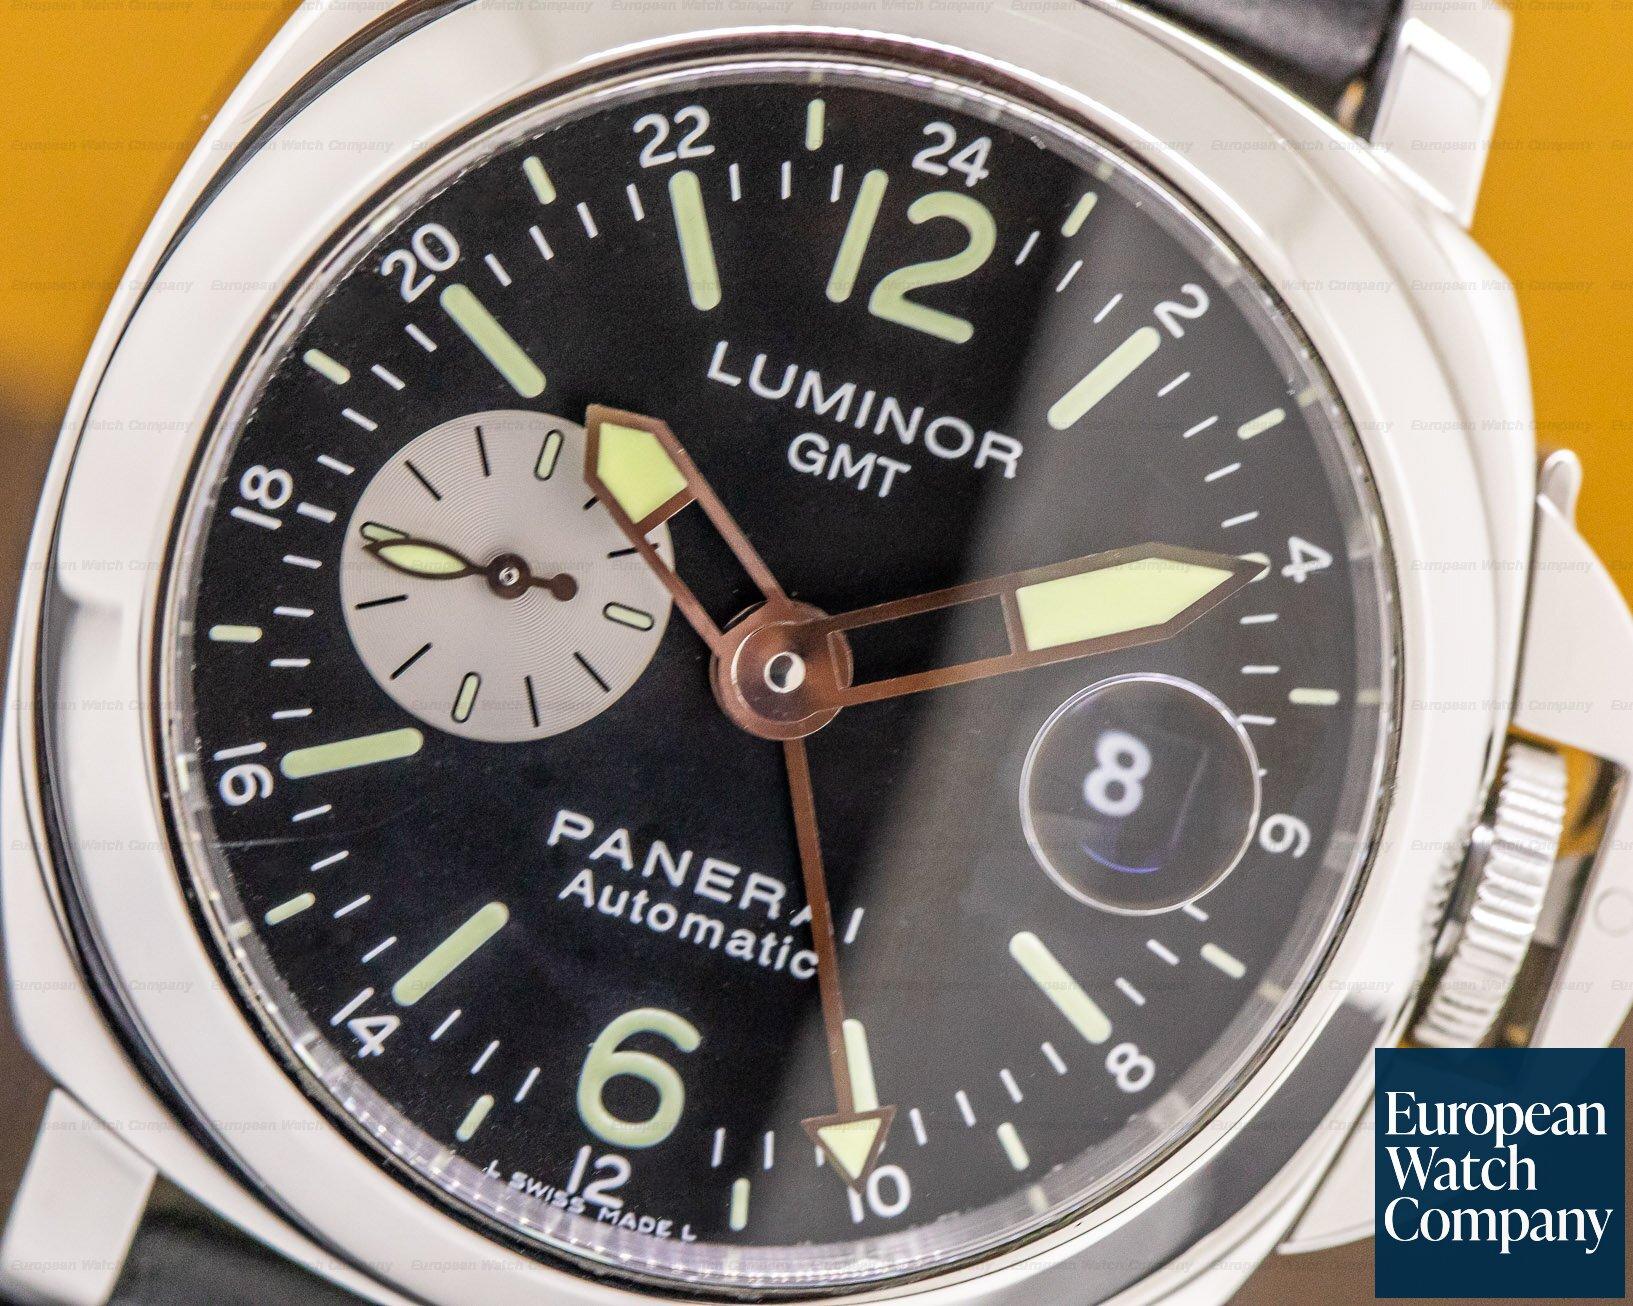 Panerai PAM00088 Luminor GMT SS